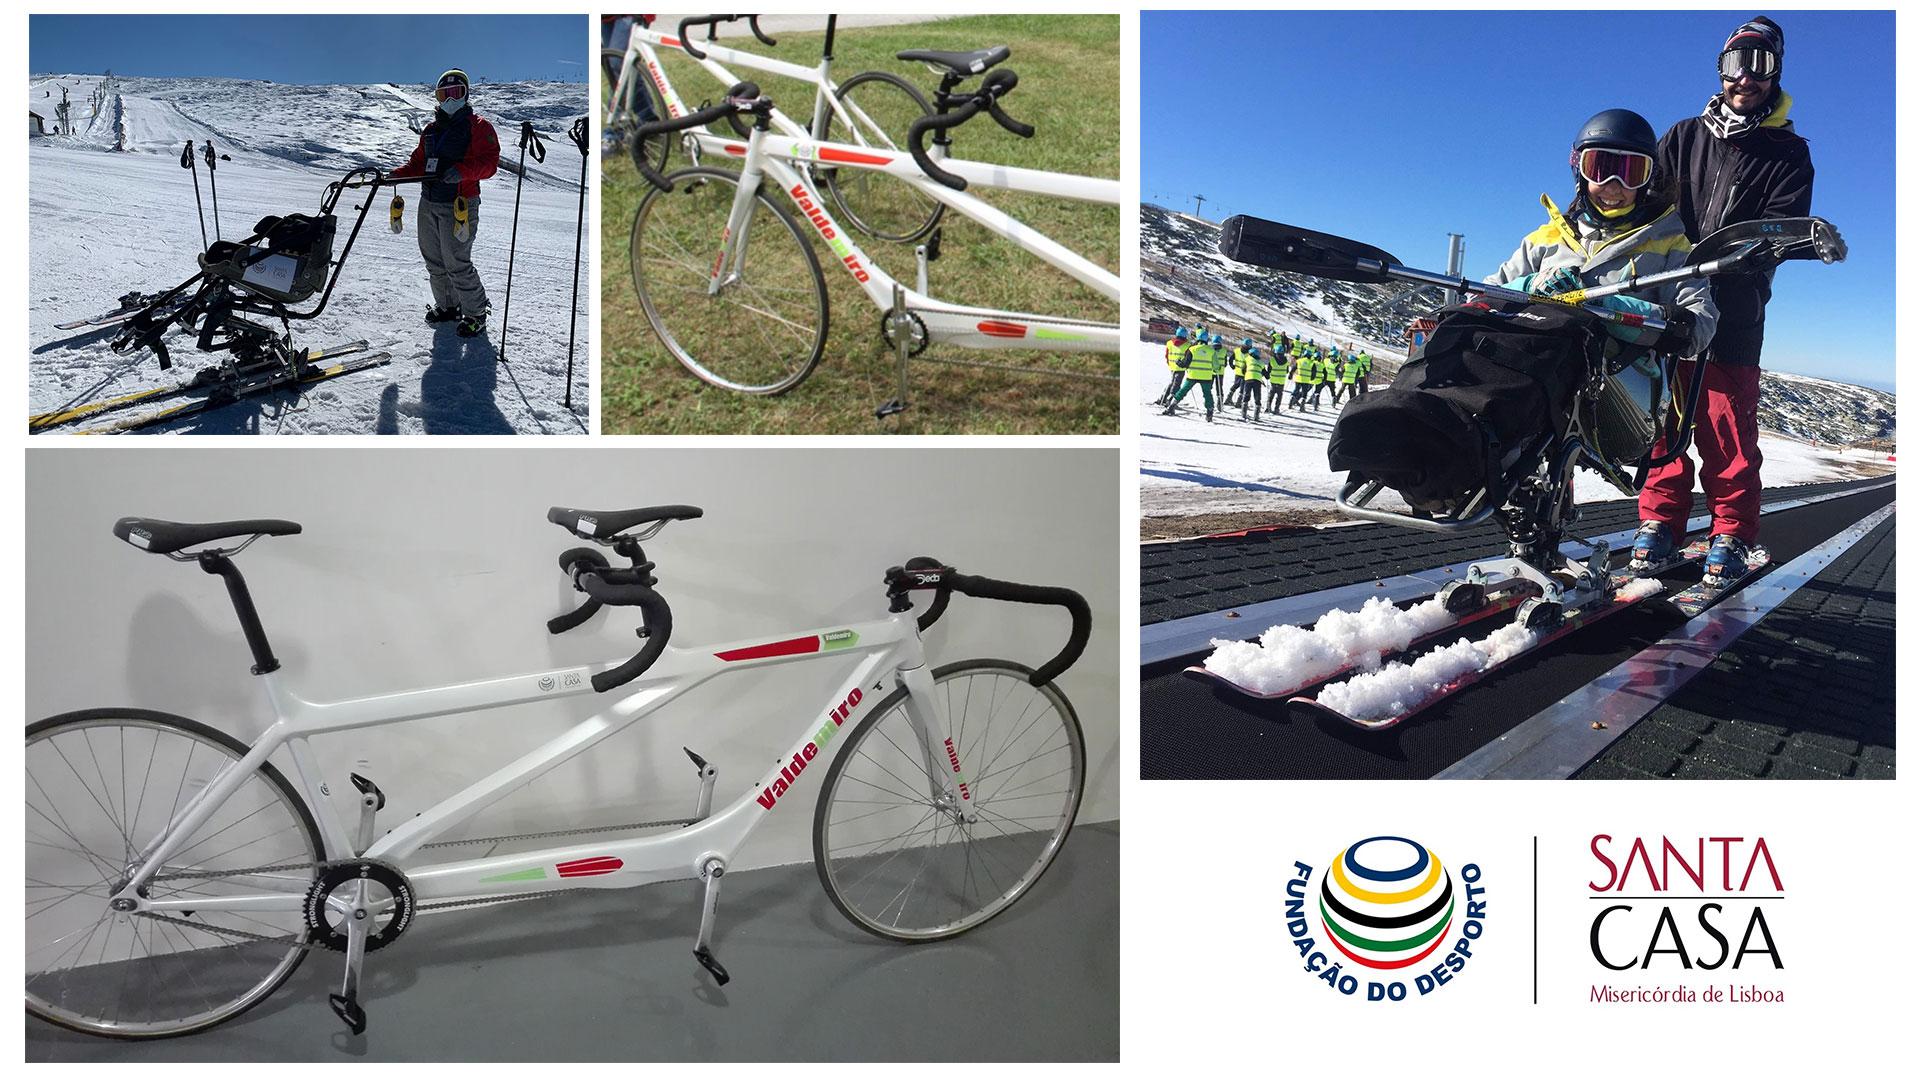 Fundação e SCML apoiam projetos de Paraciclismo e Esqui Adaptado